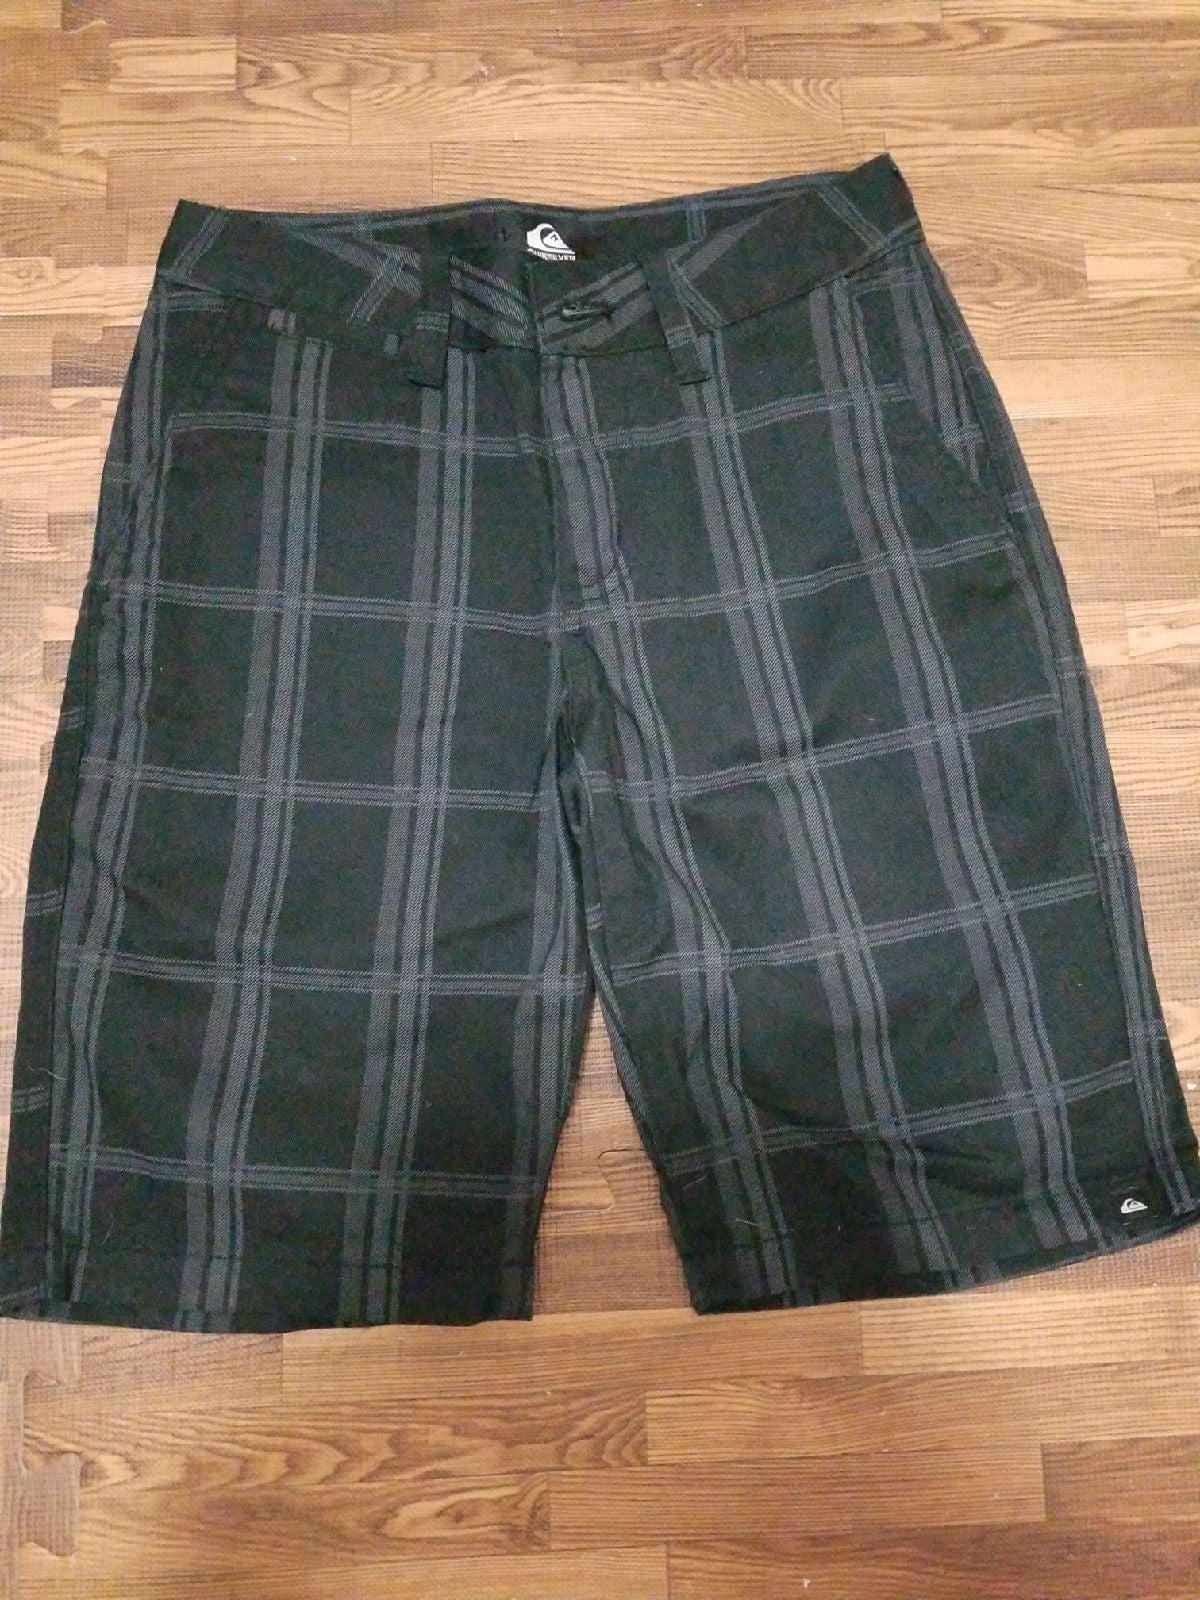 Quicksilver boys shorts size 24